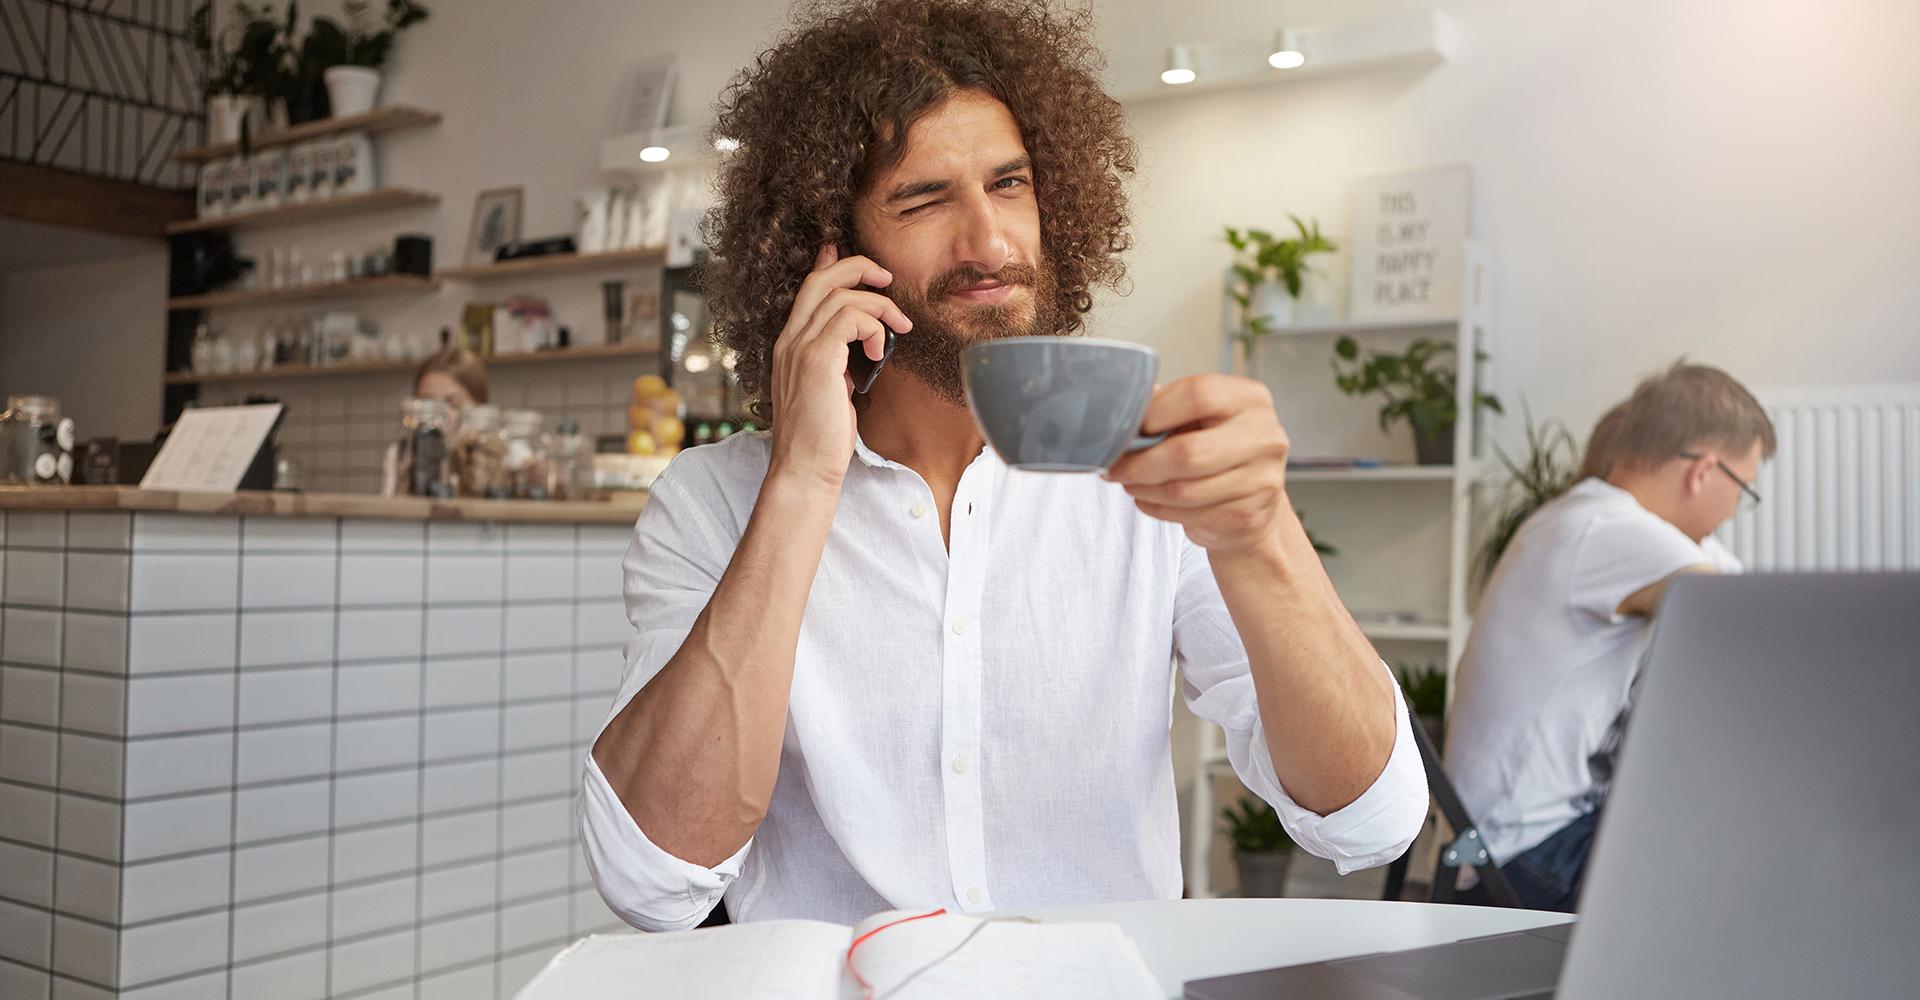 Man drinkt koffie: wat zijn de voordelen?